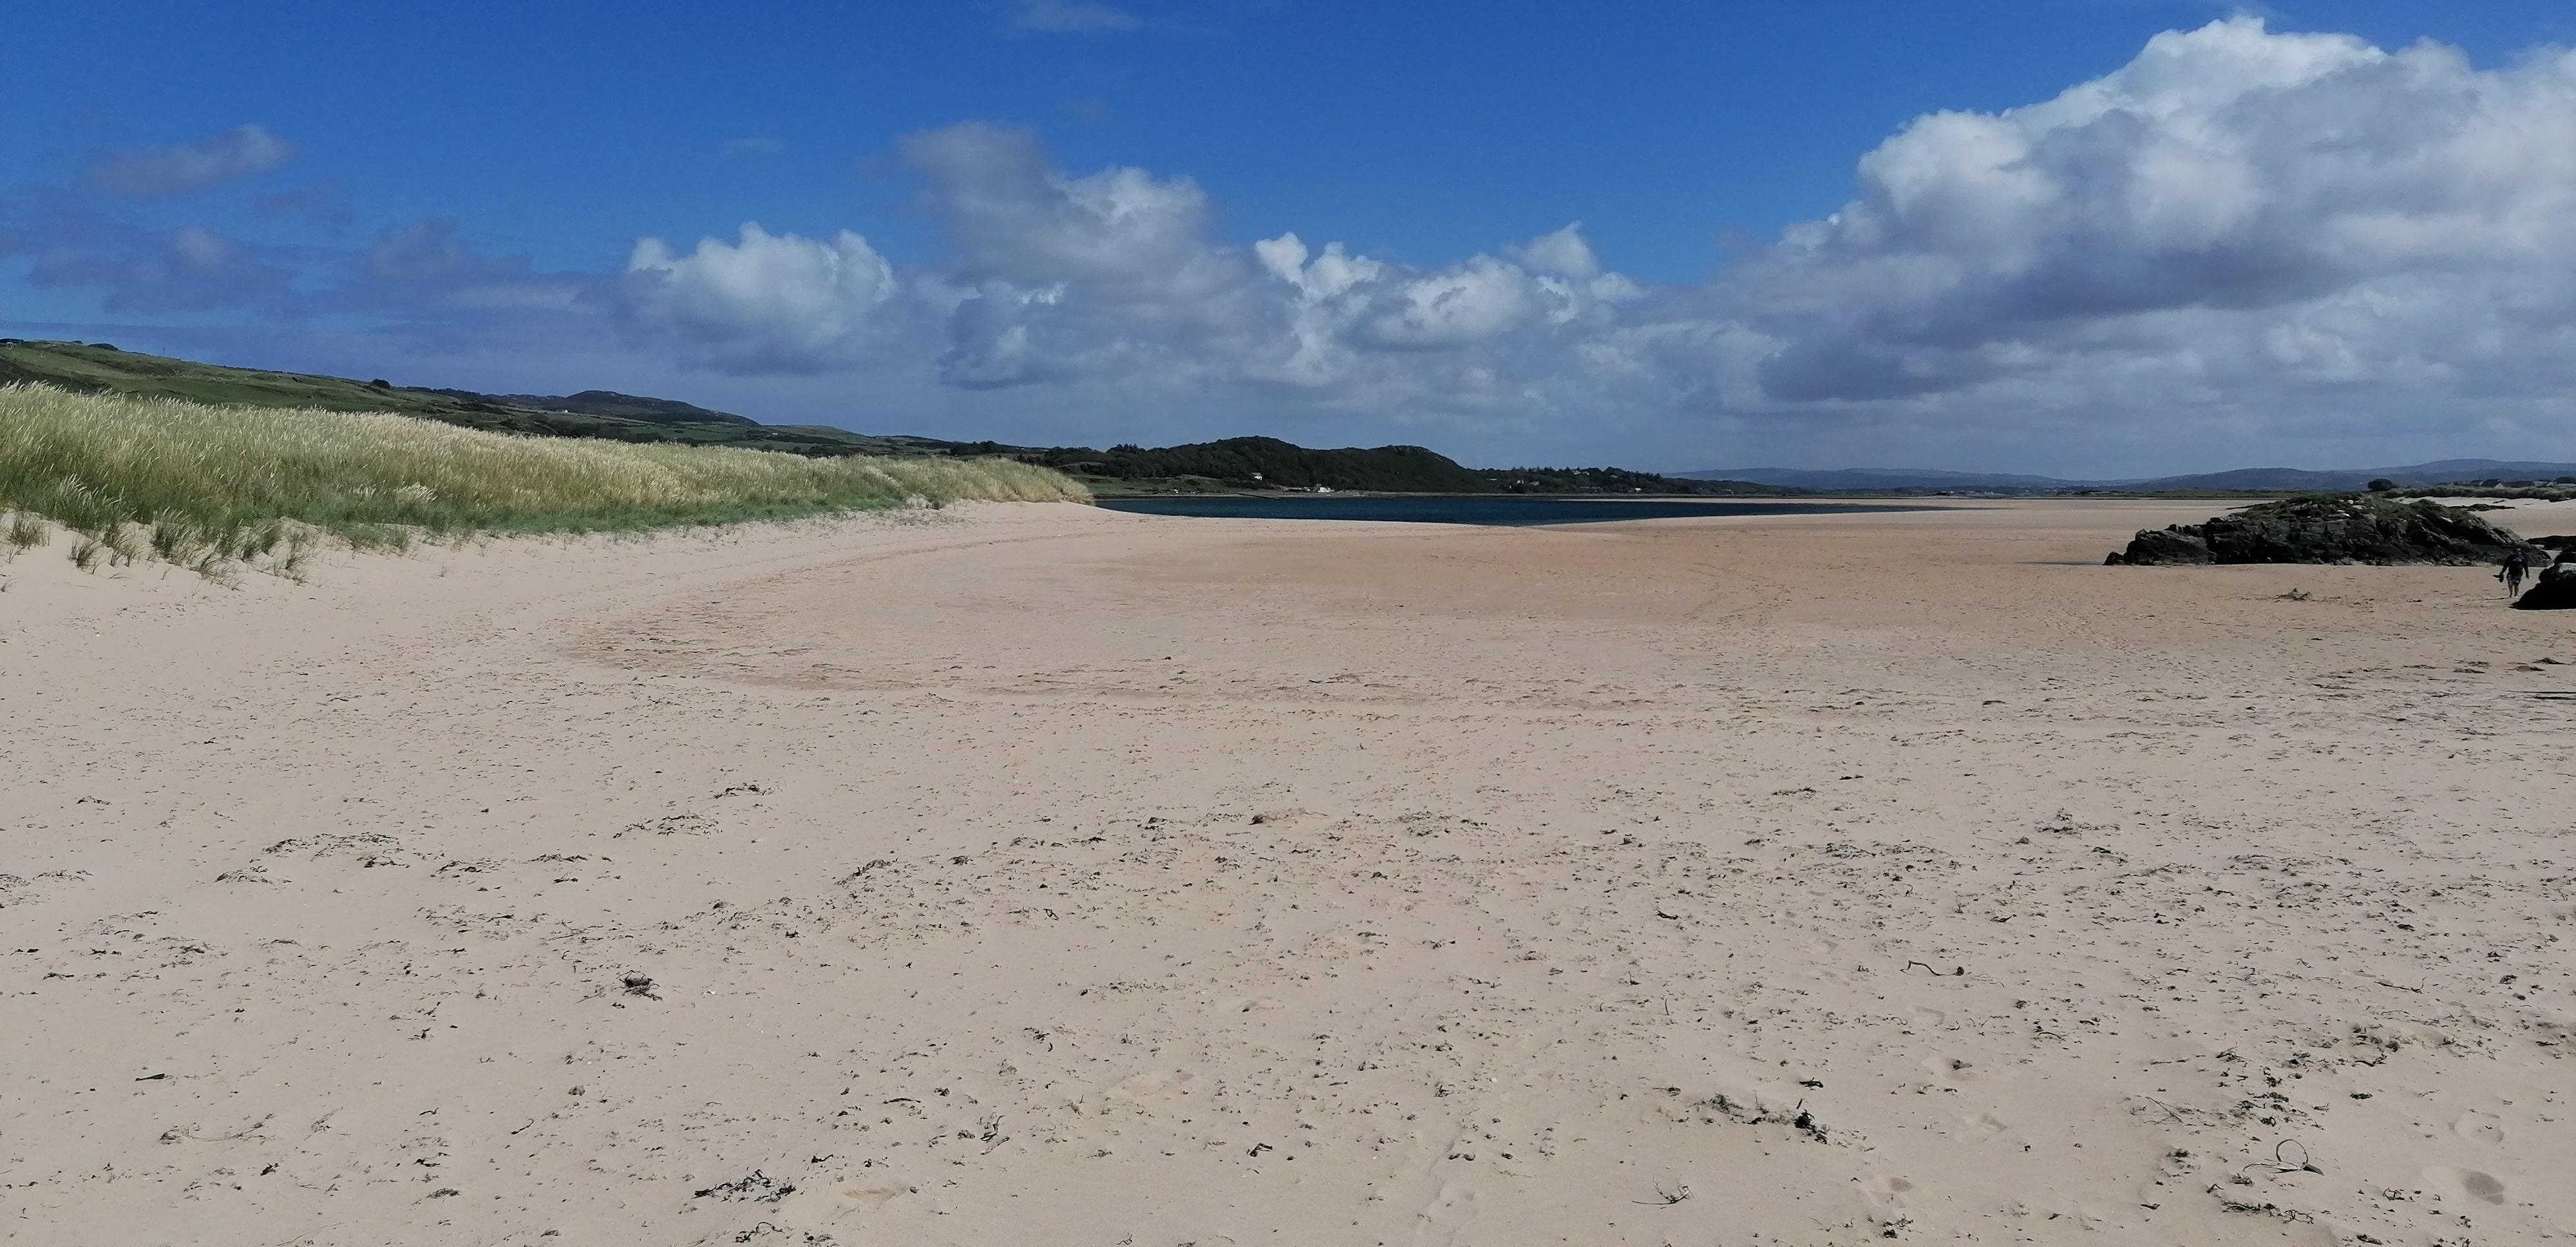 Doagh Beach